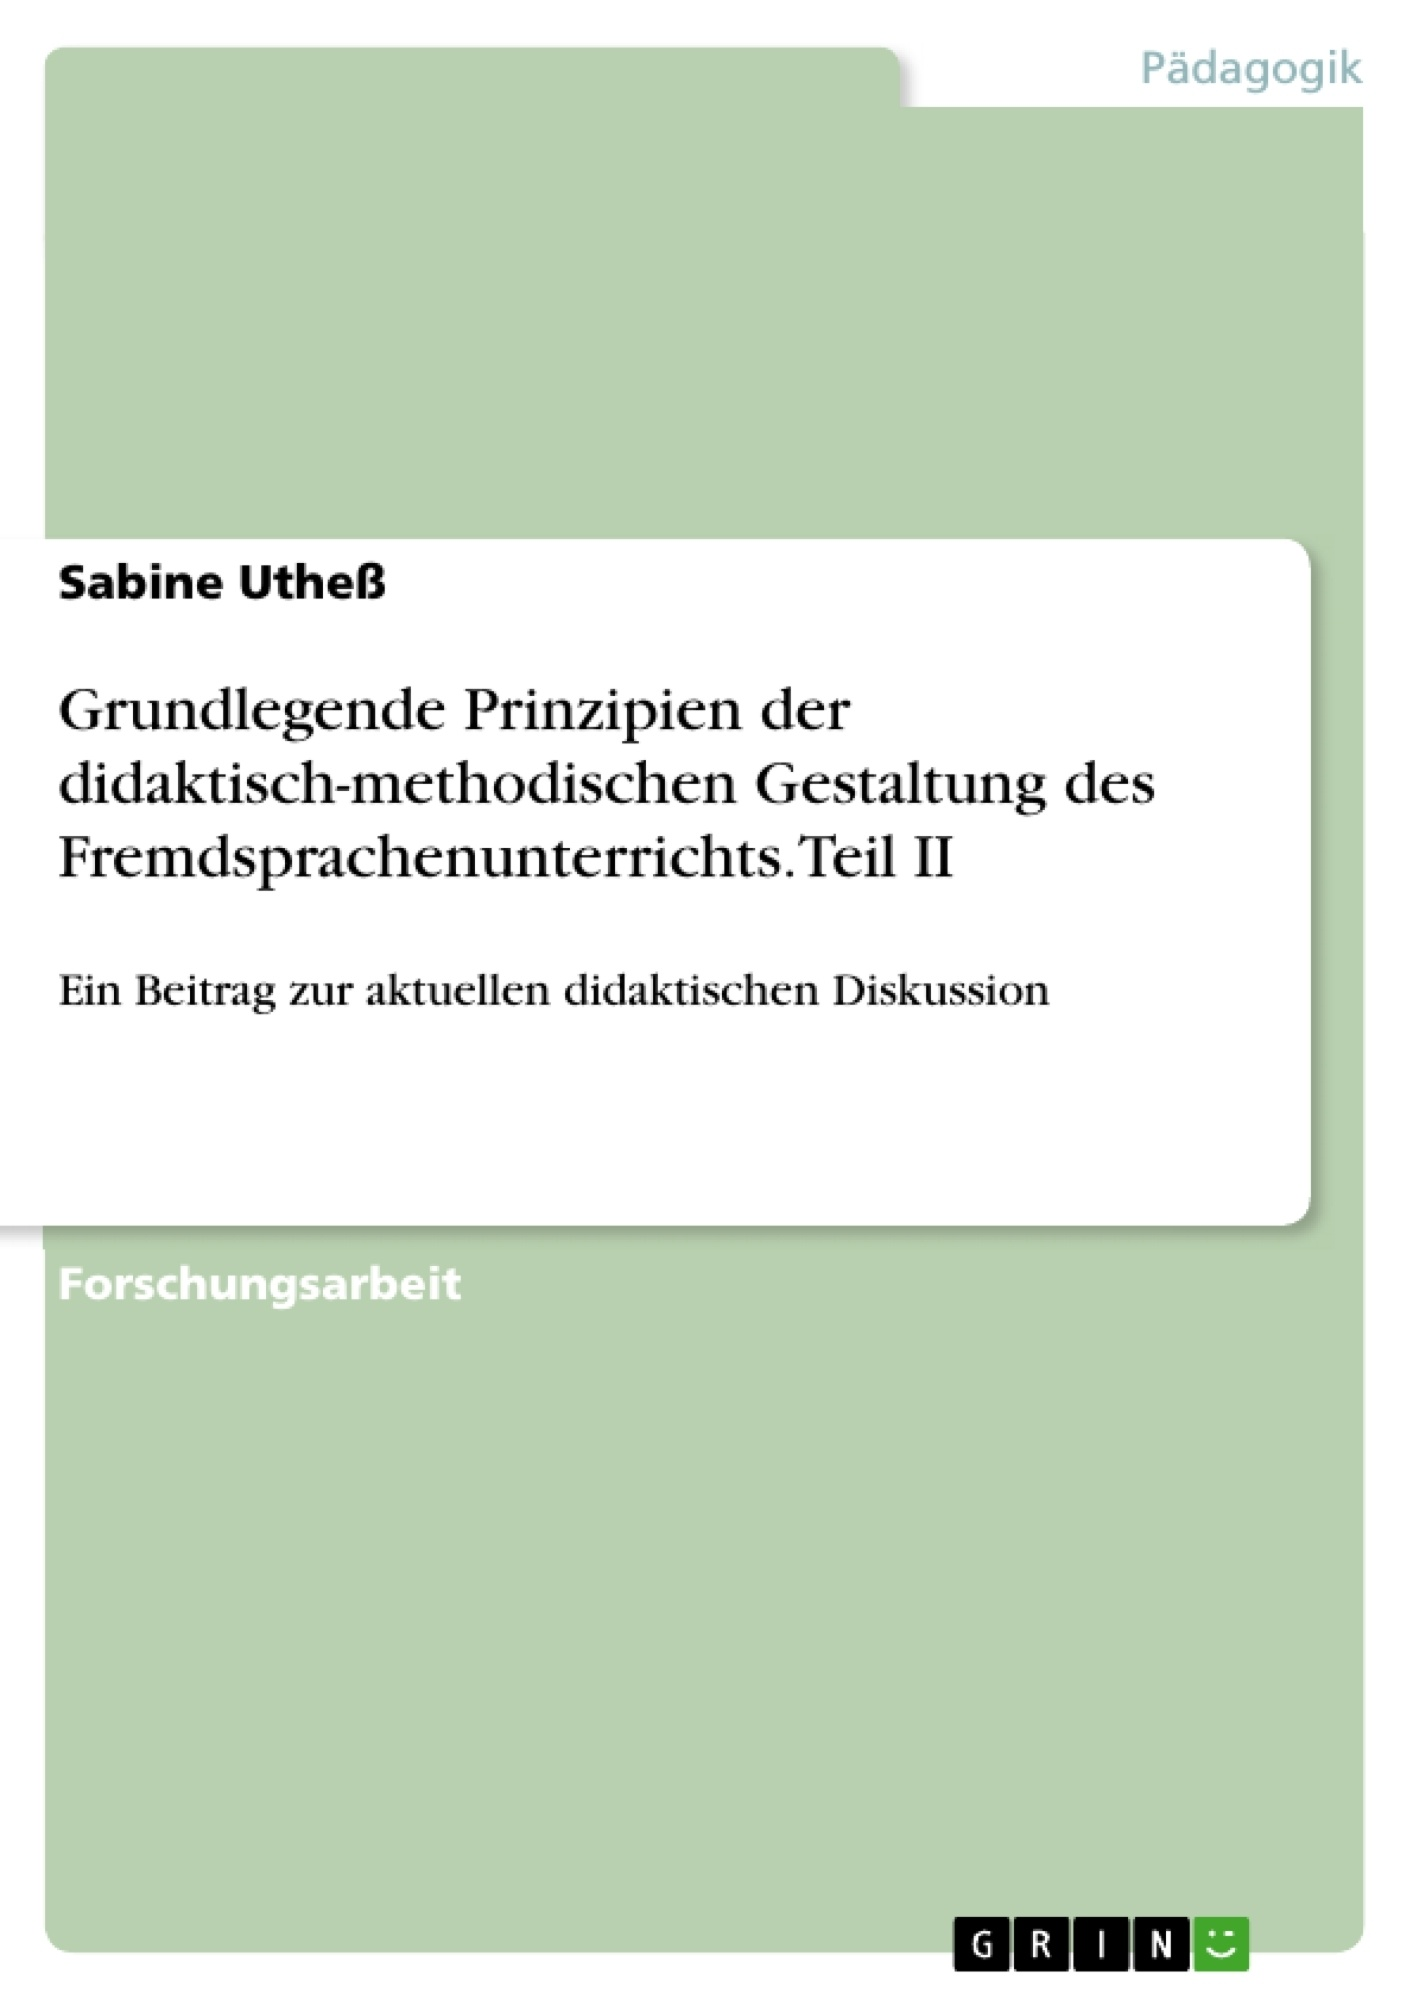 Titel: Grundlegende Prinzipien der didaktisch-methodischen Gestaltung des Fremdsprachenunterrichts.Teil II